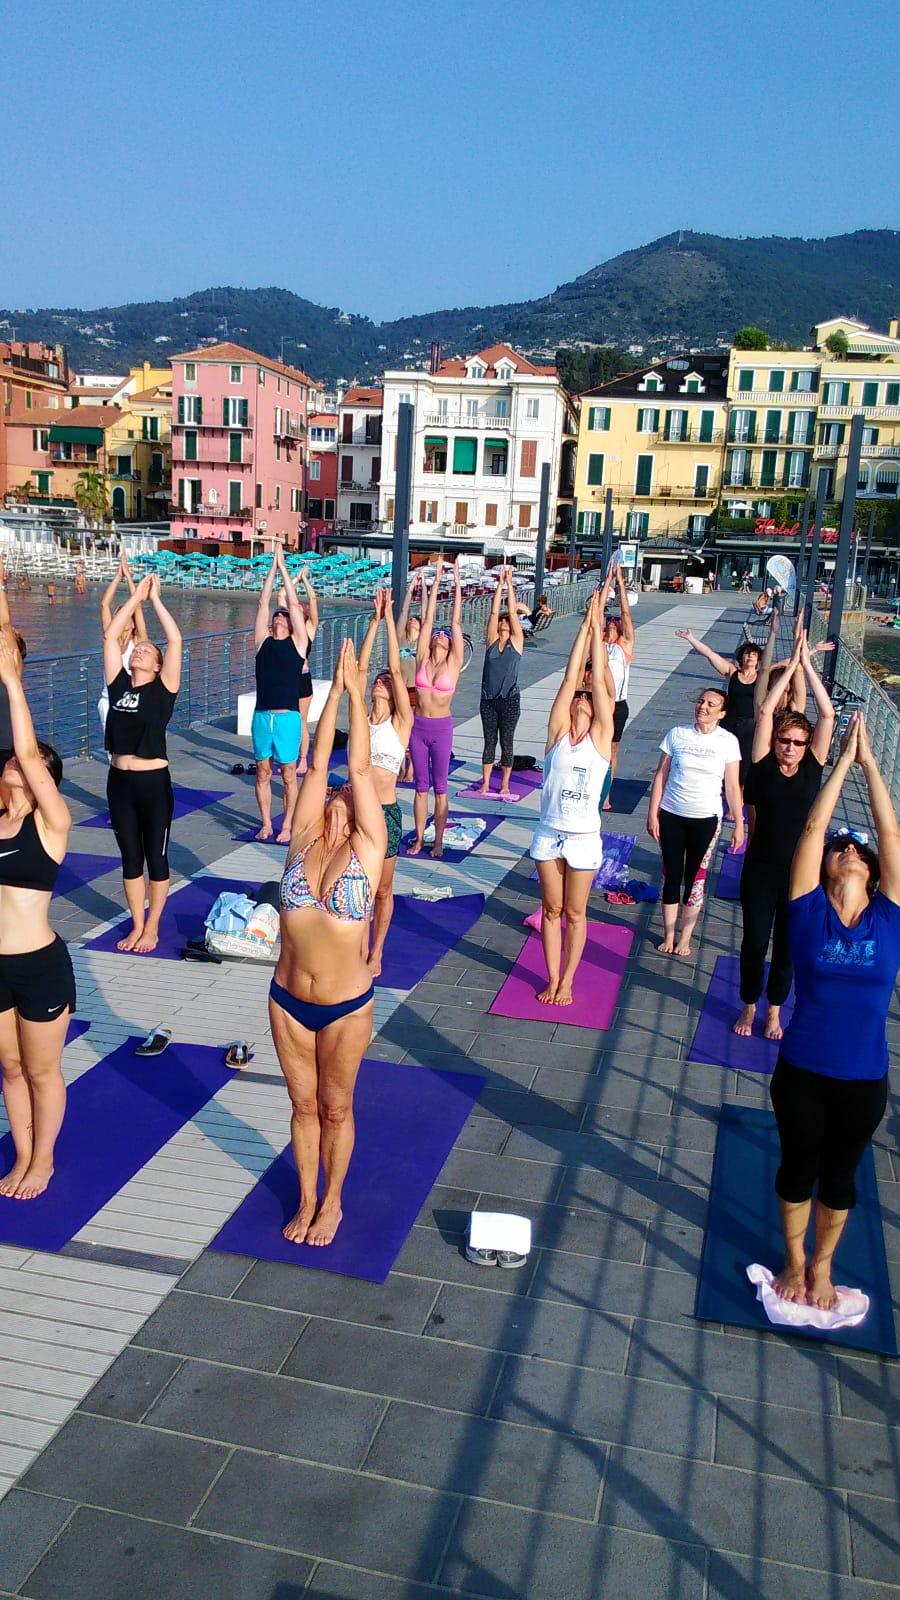 1_essere-free-yoga-gratuito-benessere-per-tutti-village-citta-alassio-estate-lucia-ragazzi-summer-town-wellness-095